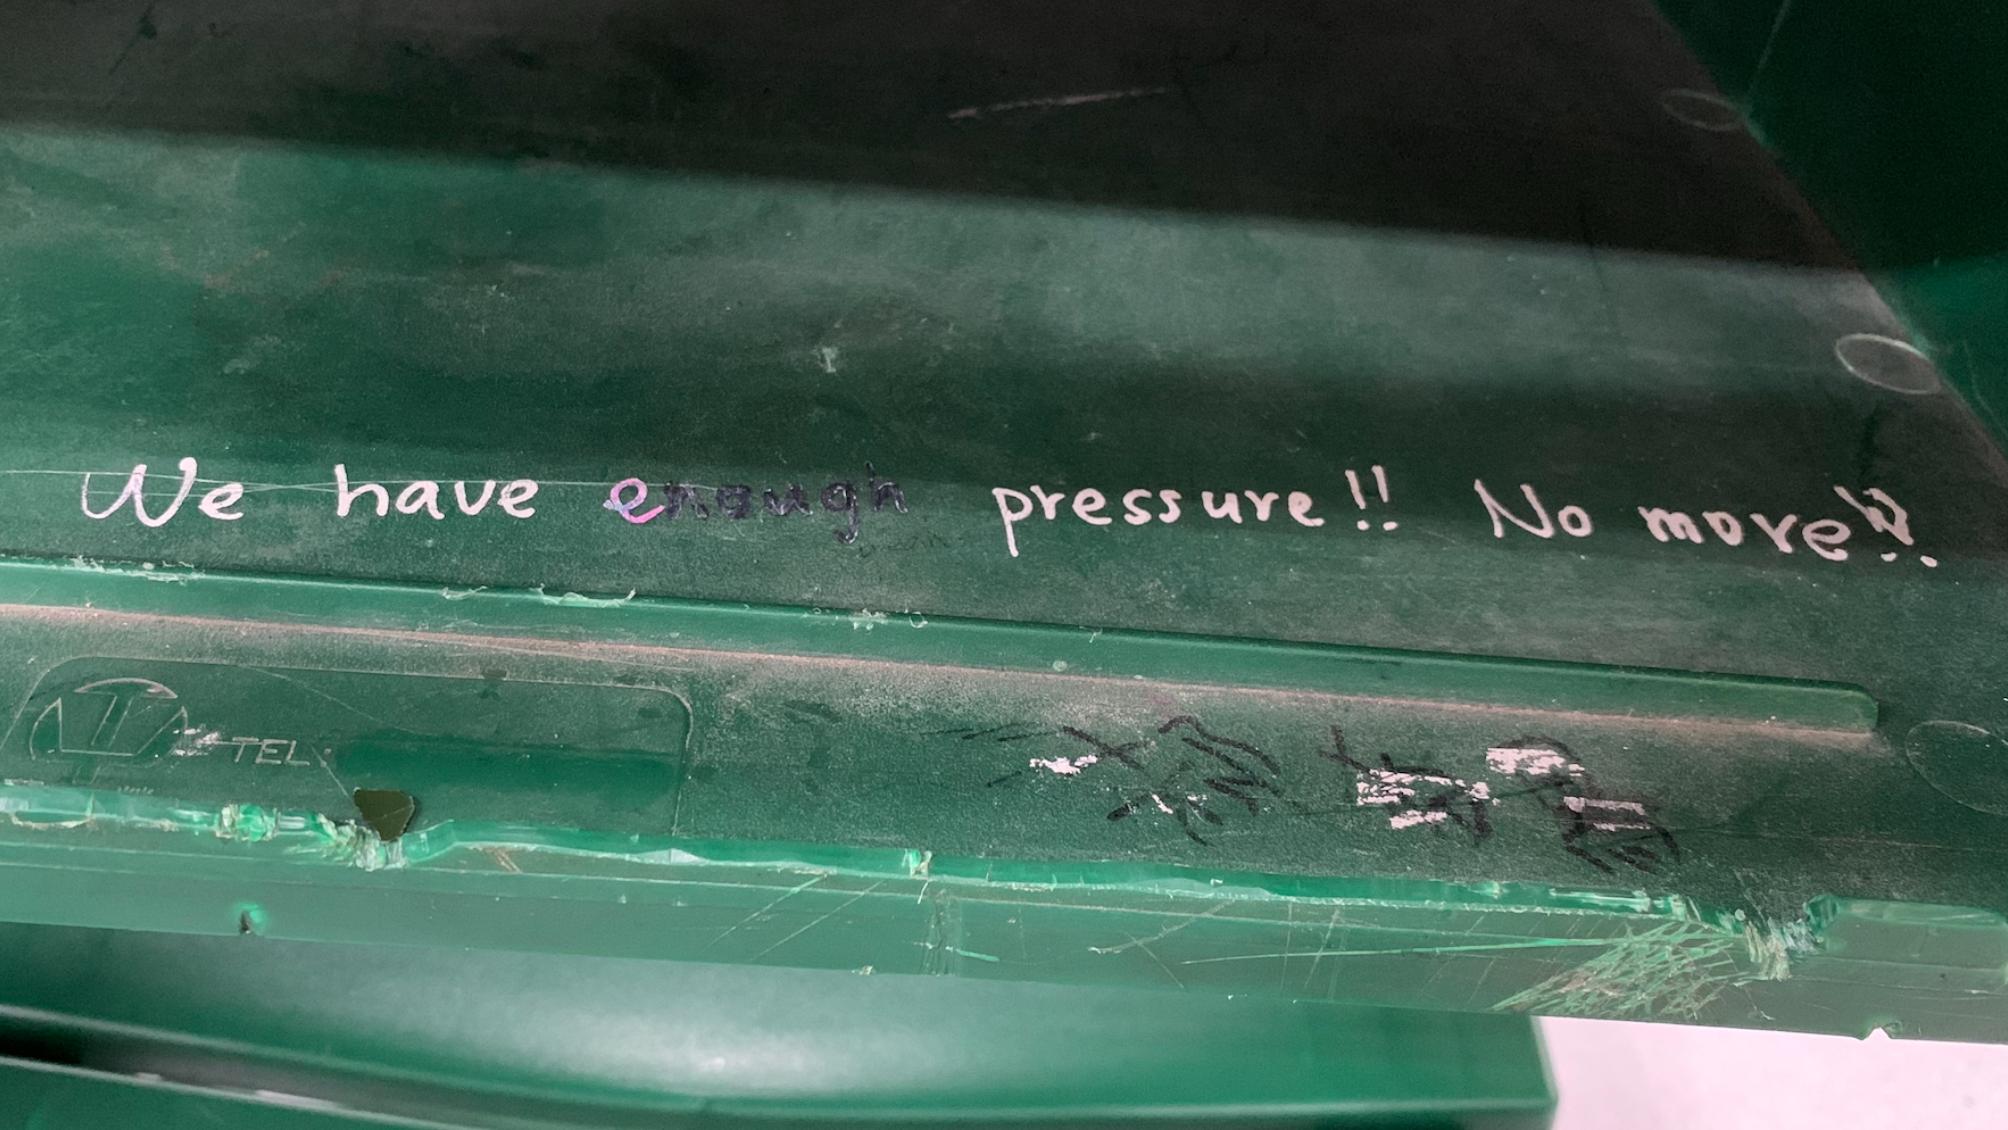 We have enough pressure!! No more!!